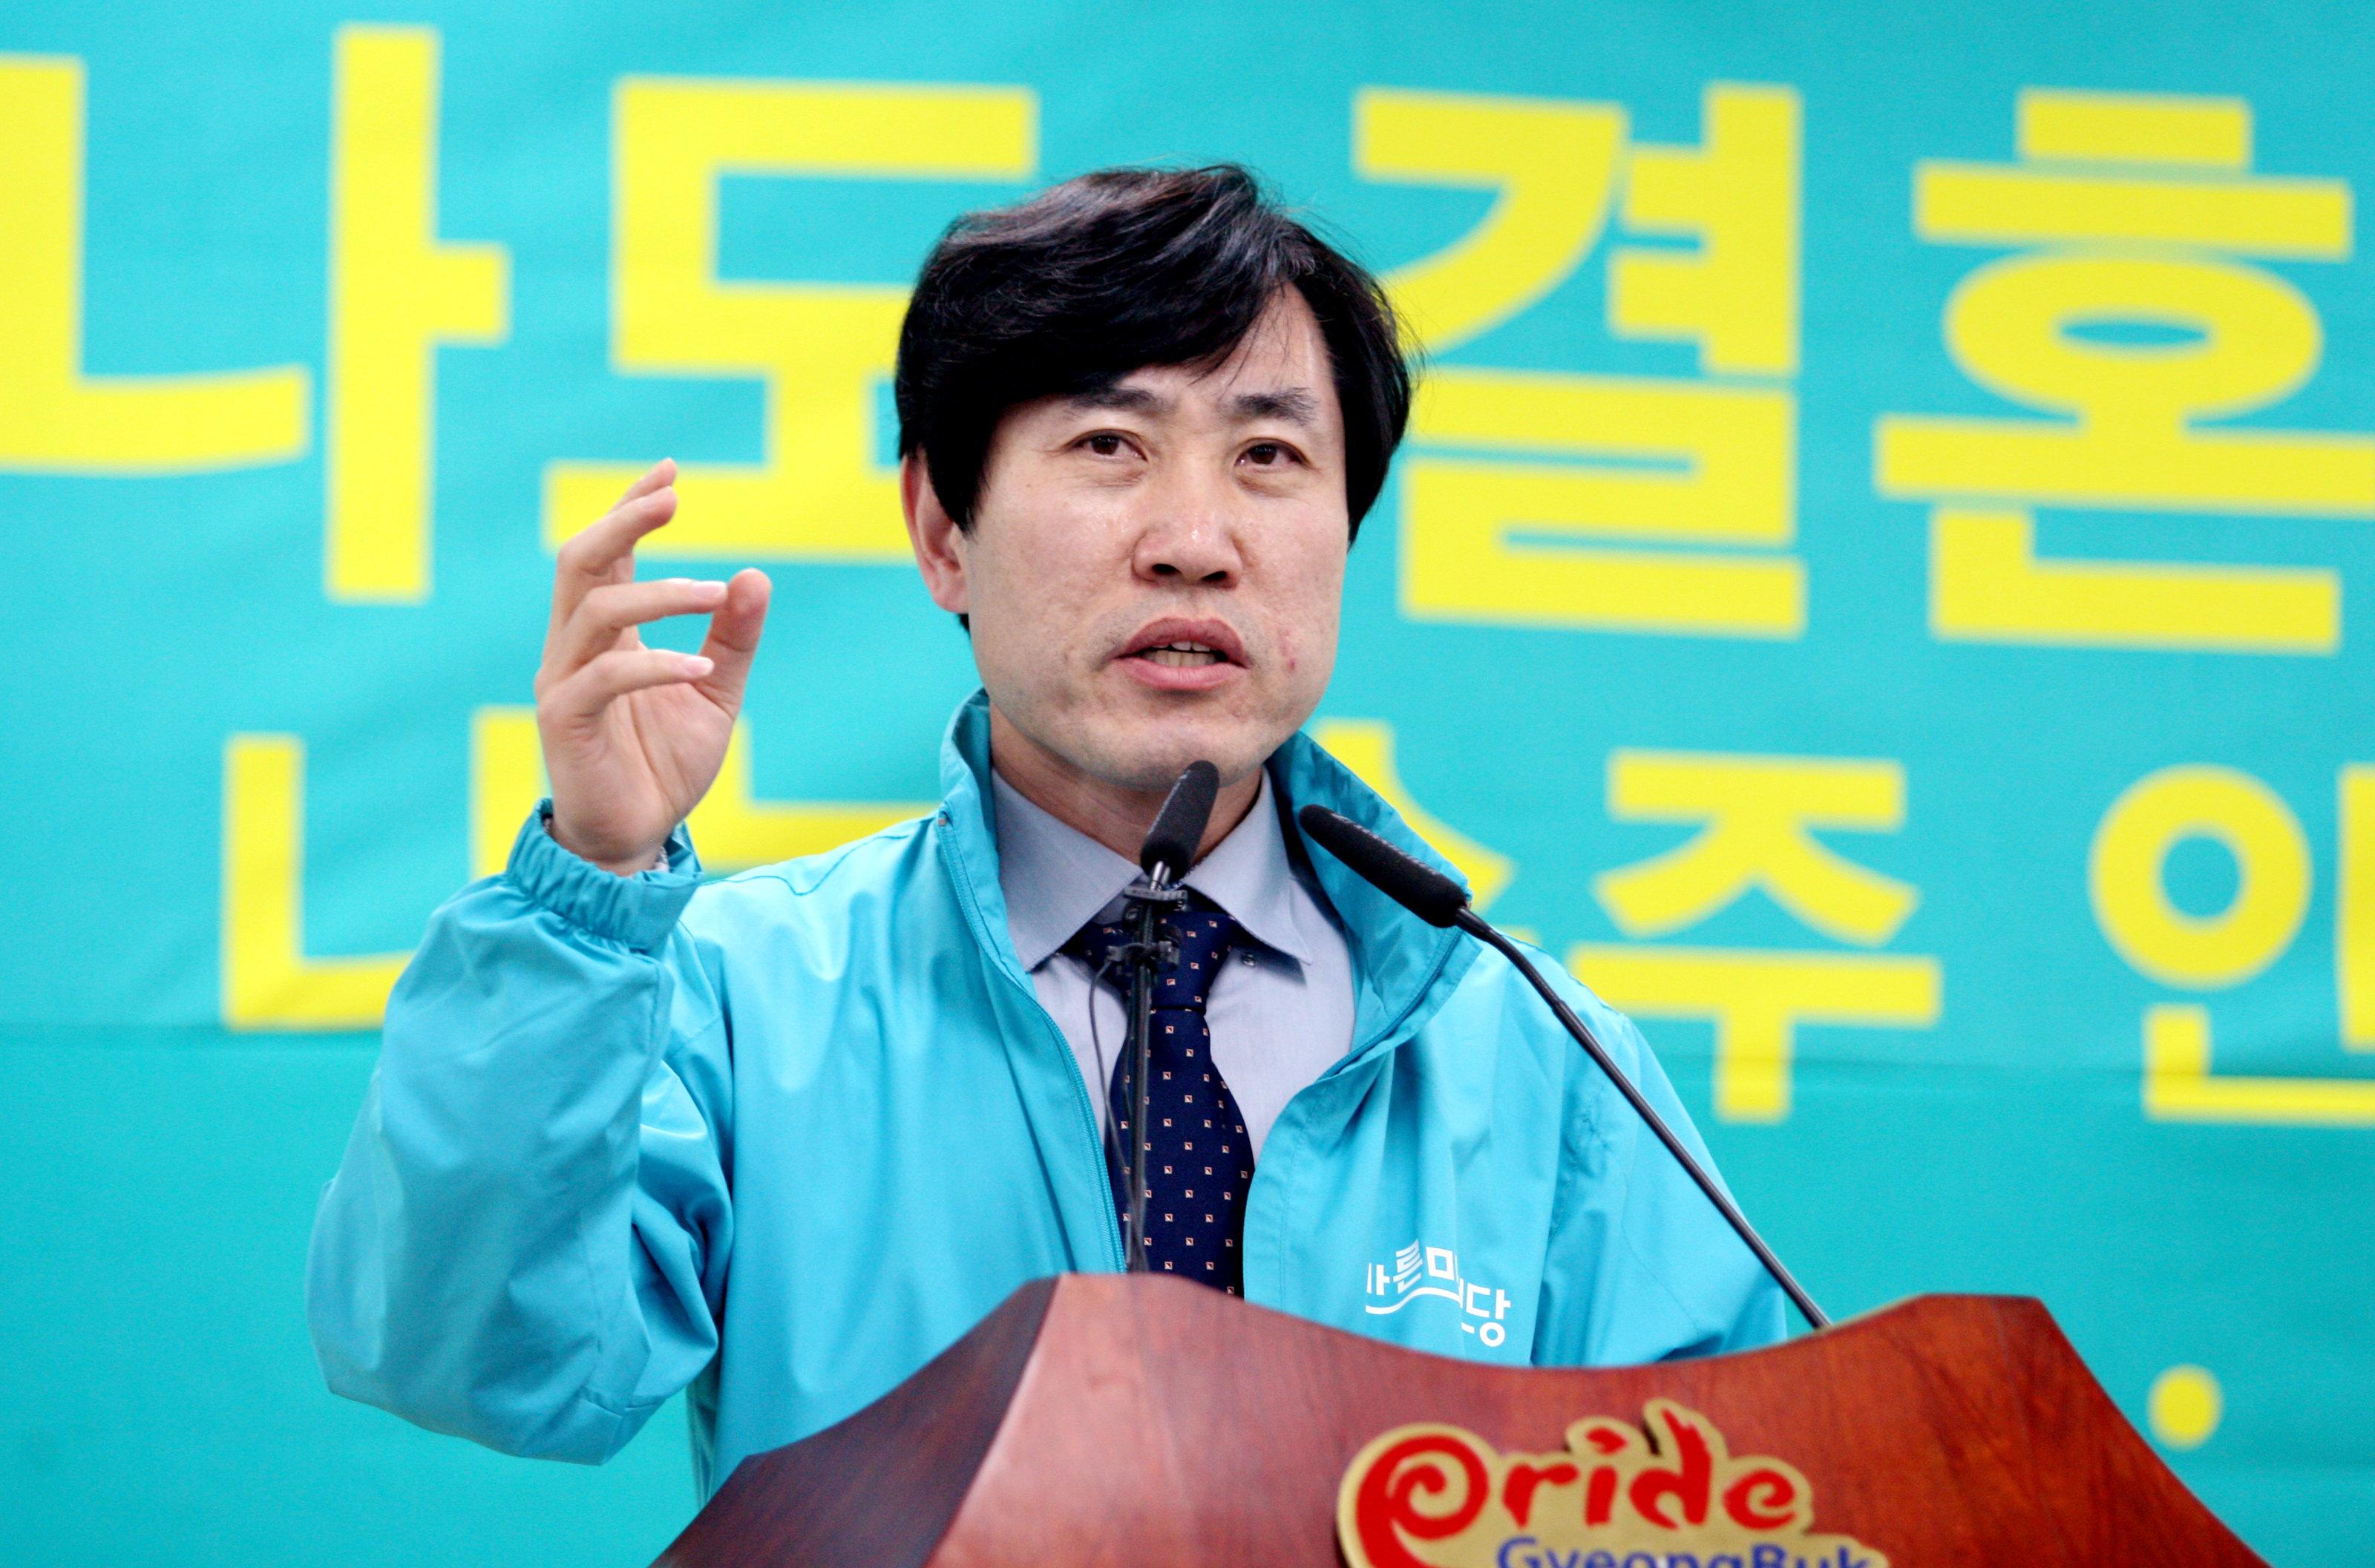 '위장평화쇼'라고 폄하한 홍준표에 대해 날선 비판이 나오고